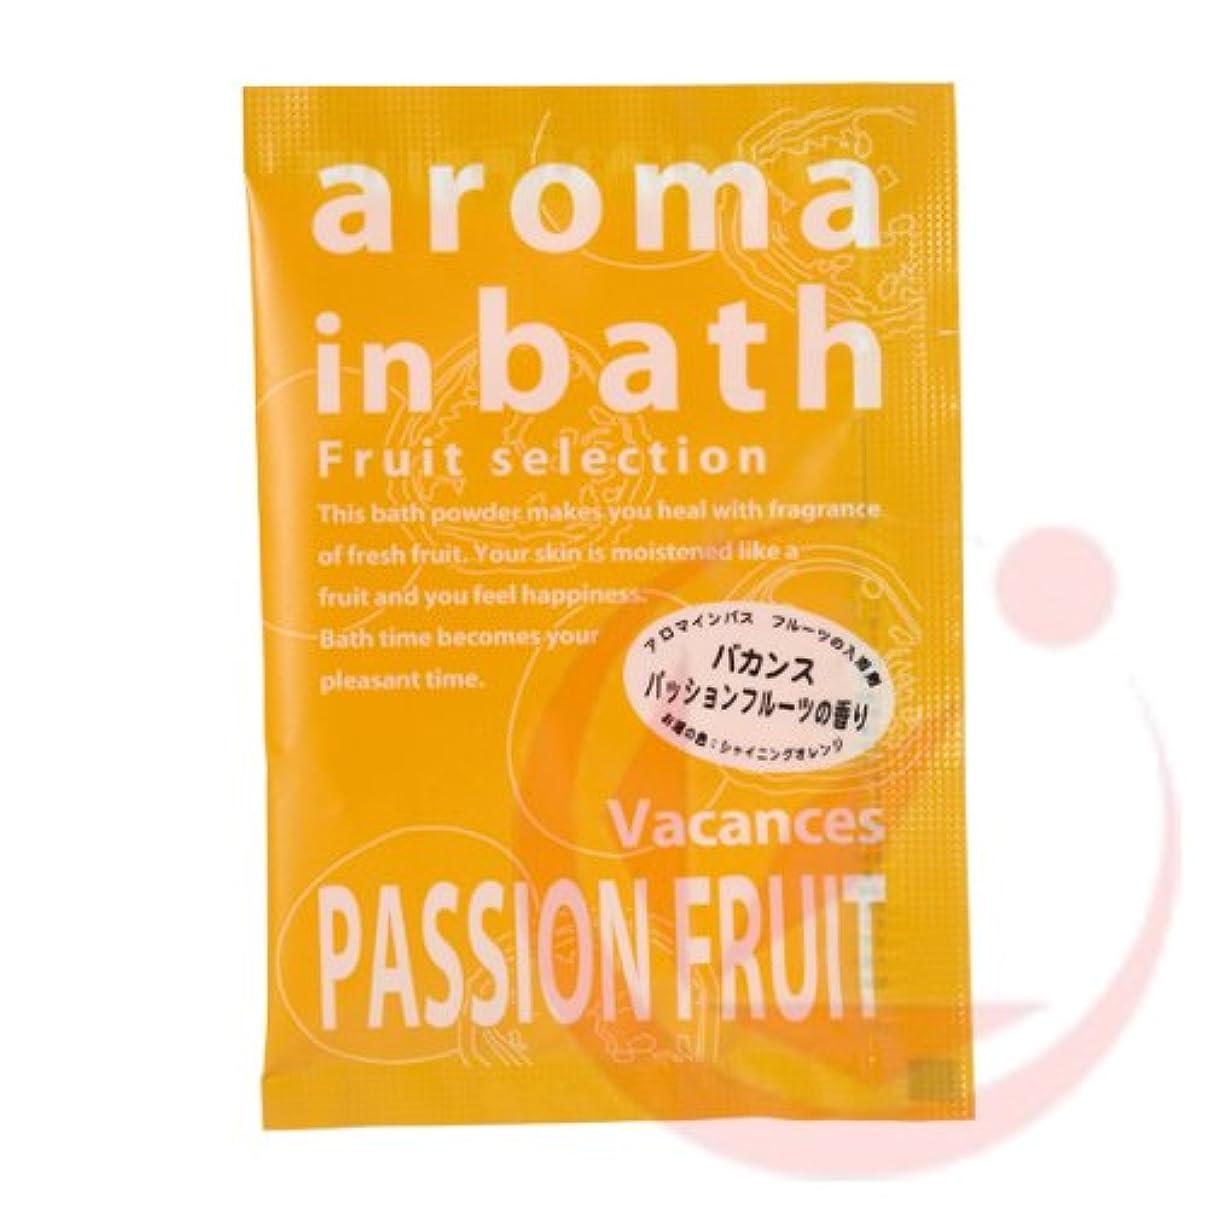 検出する麻酔薬のために粉体入浴剤アロマインバス25g 48袋入り パッションフルーツ